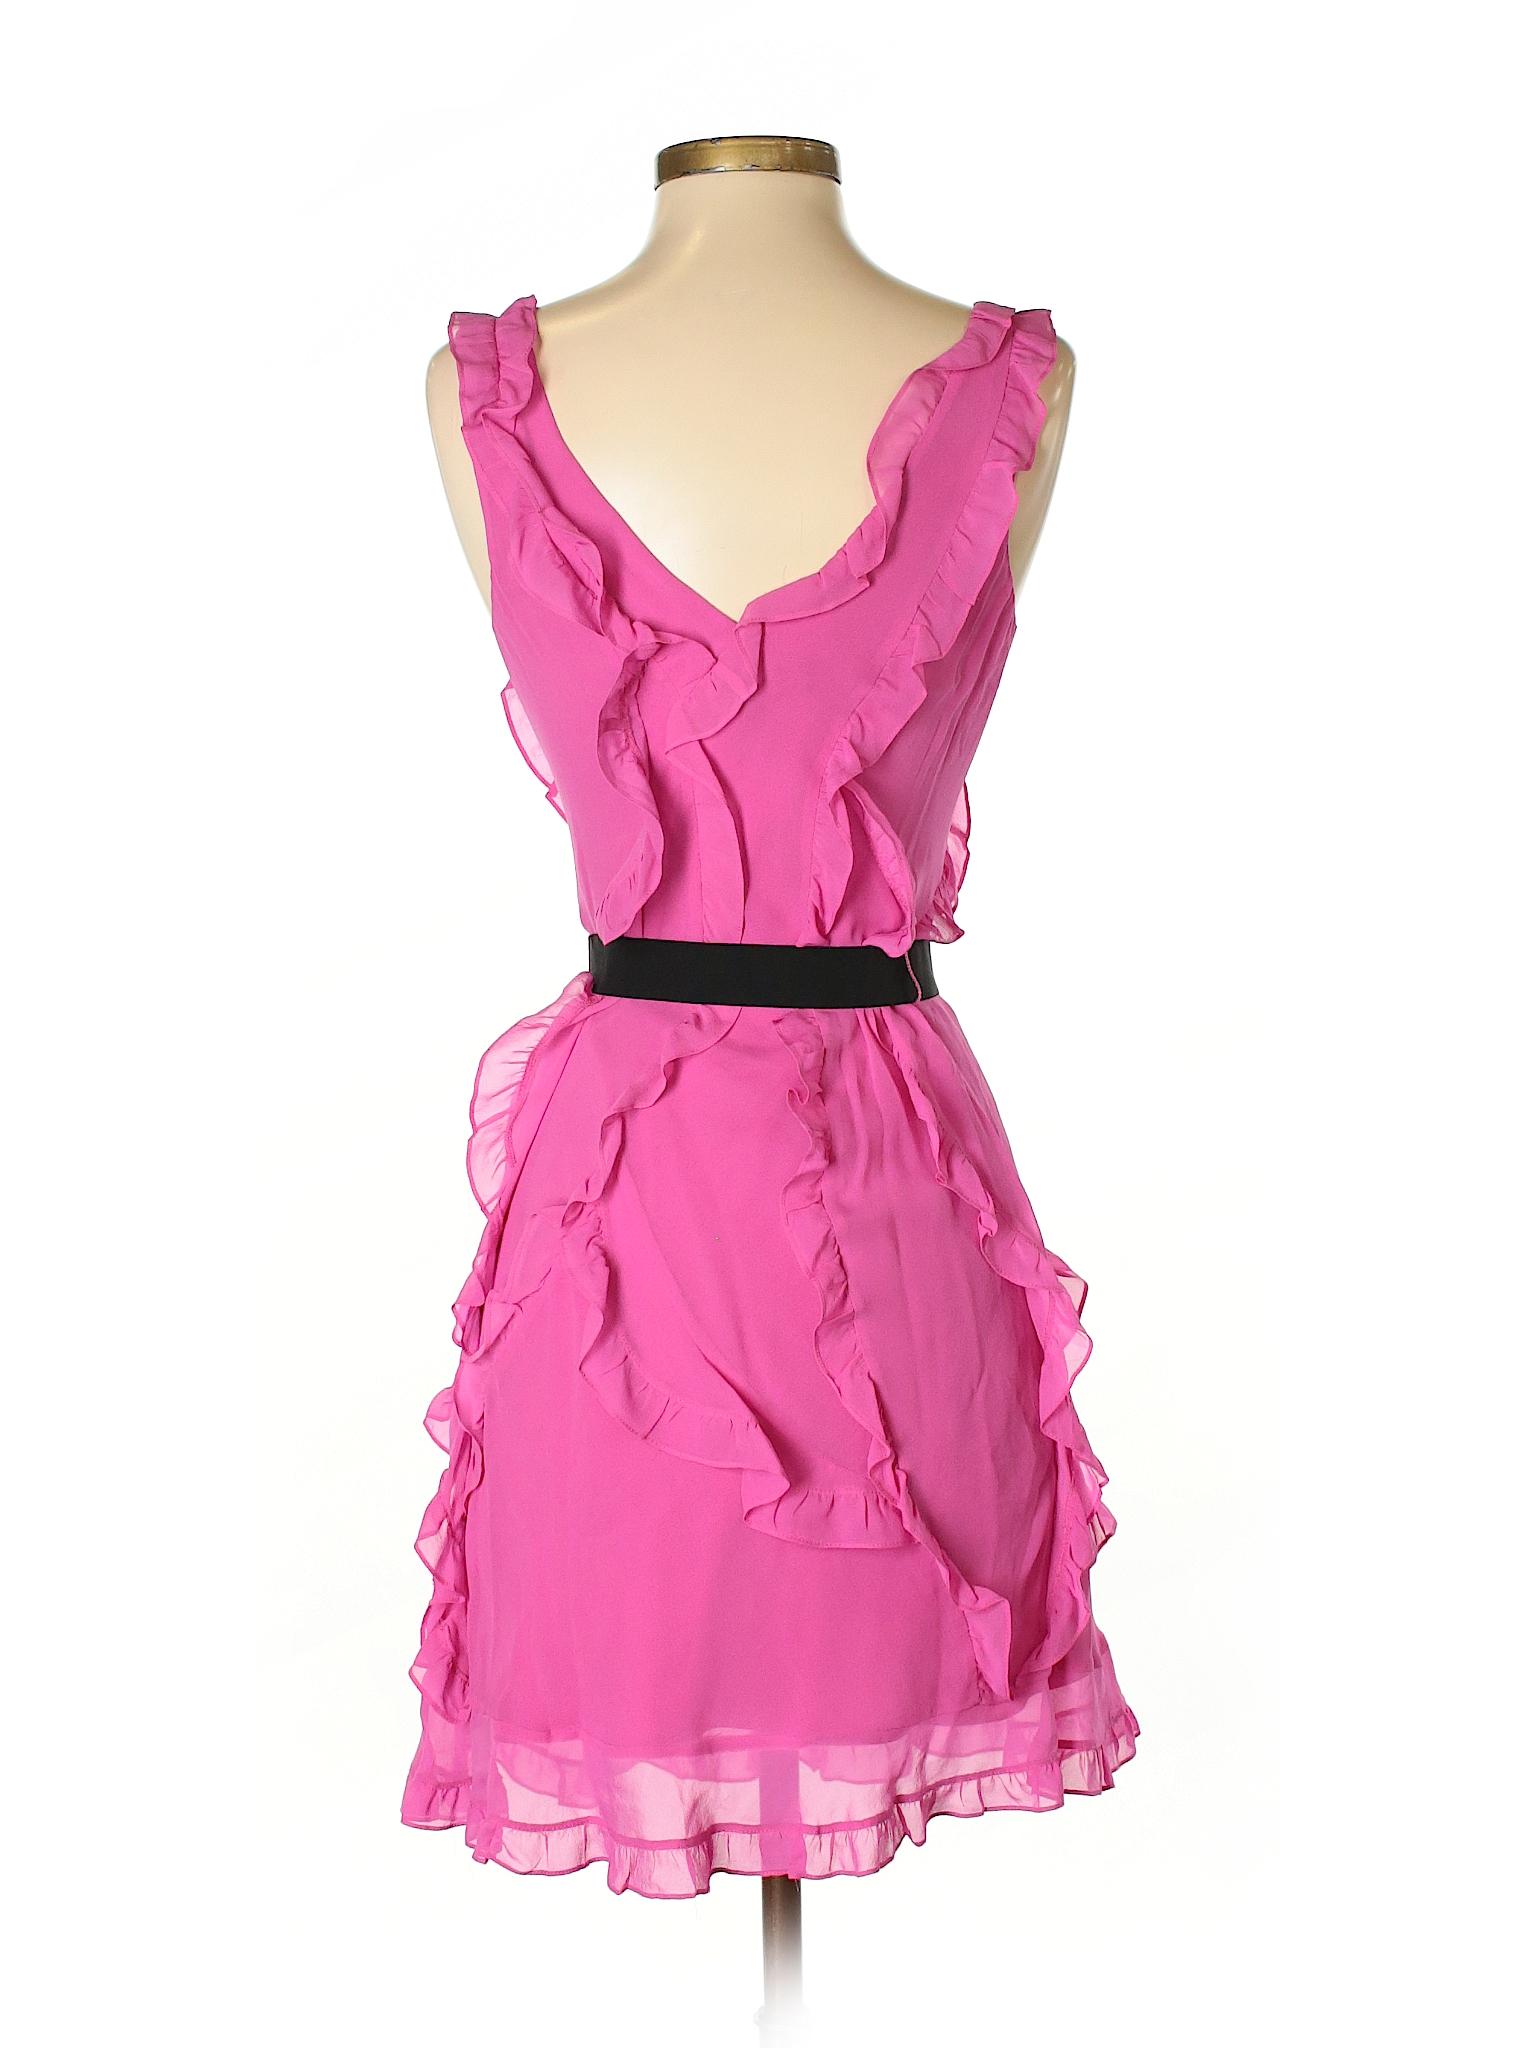 Boutique Casual BCBGMAXAZRIA Dress Casual Dress Boutique BCBGMAXAZRIA winter winter Boutique rfZr8xqw